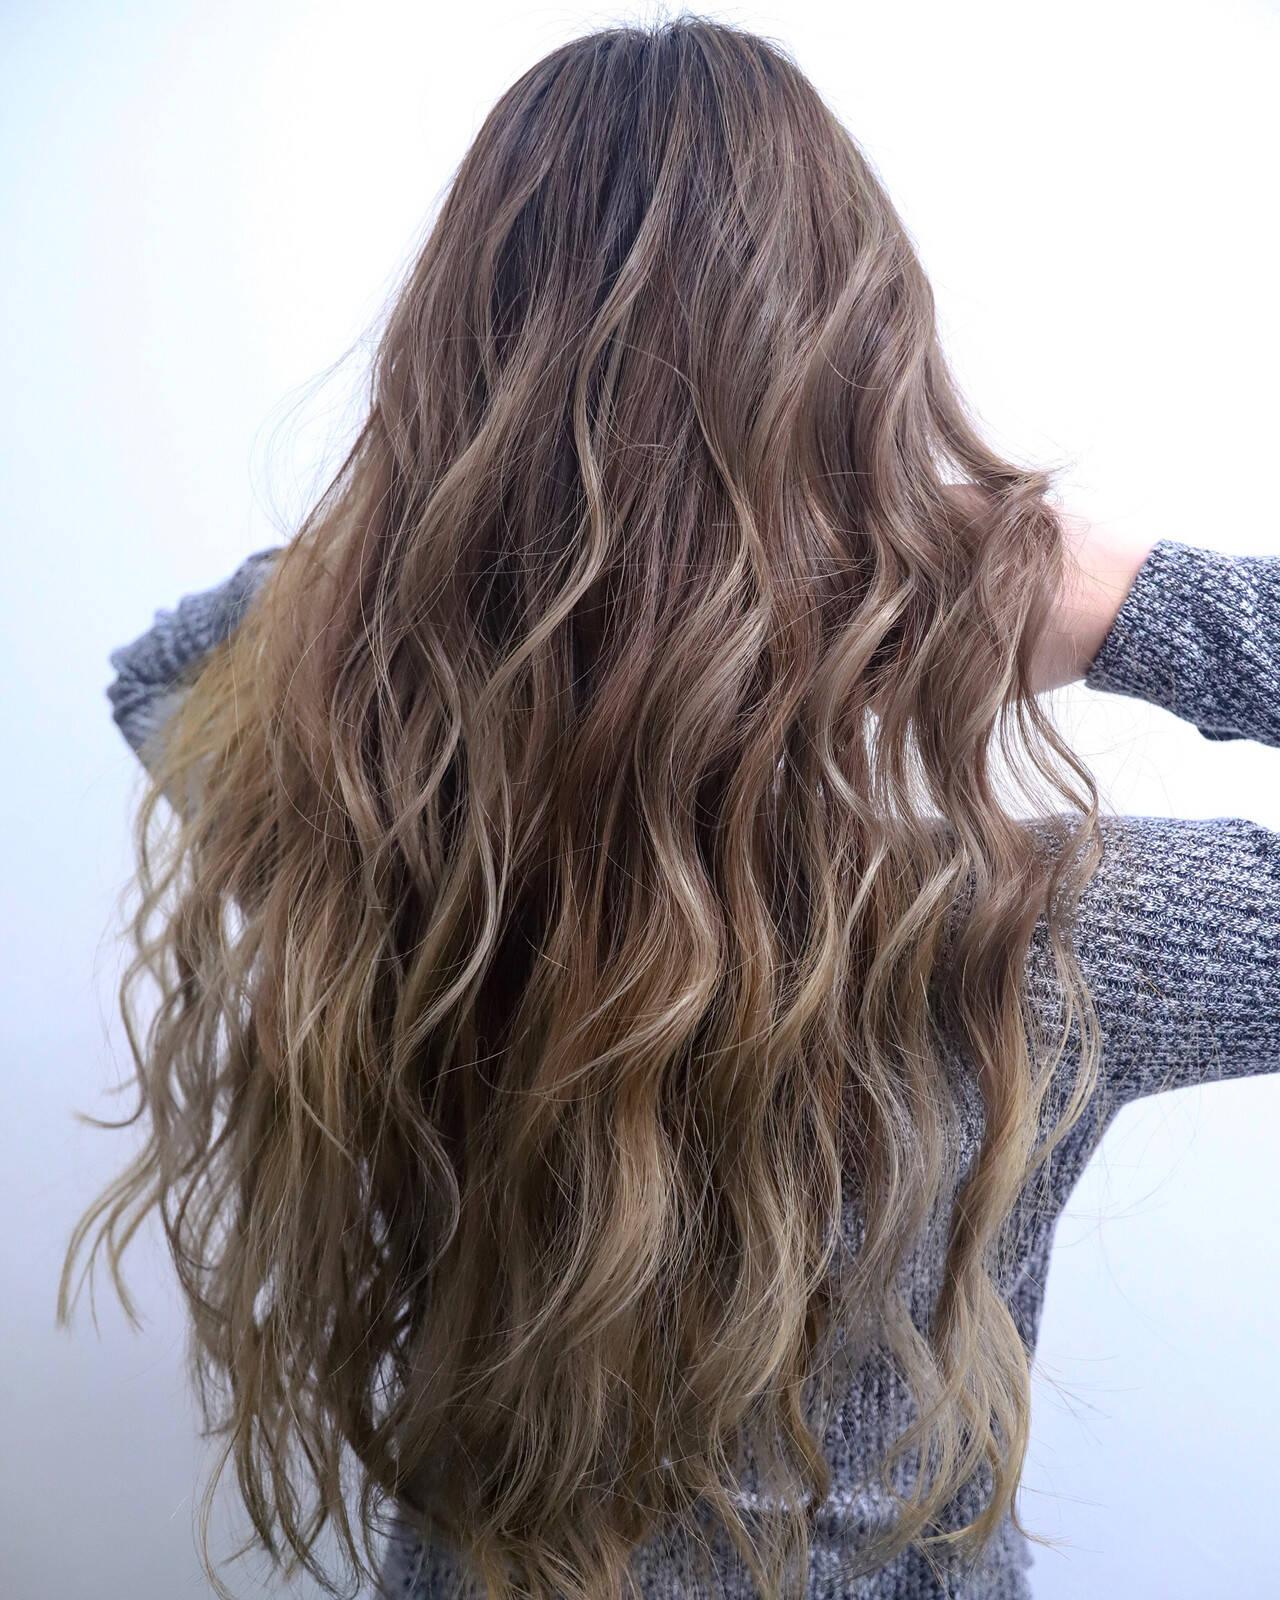 ナチュラル ヘアアレンジ グラデーションカラー ロングヘアスタイルや髪型の写真・画像